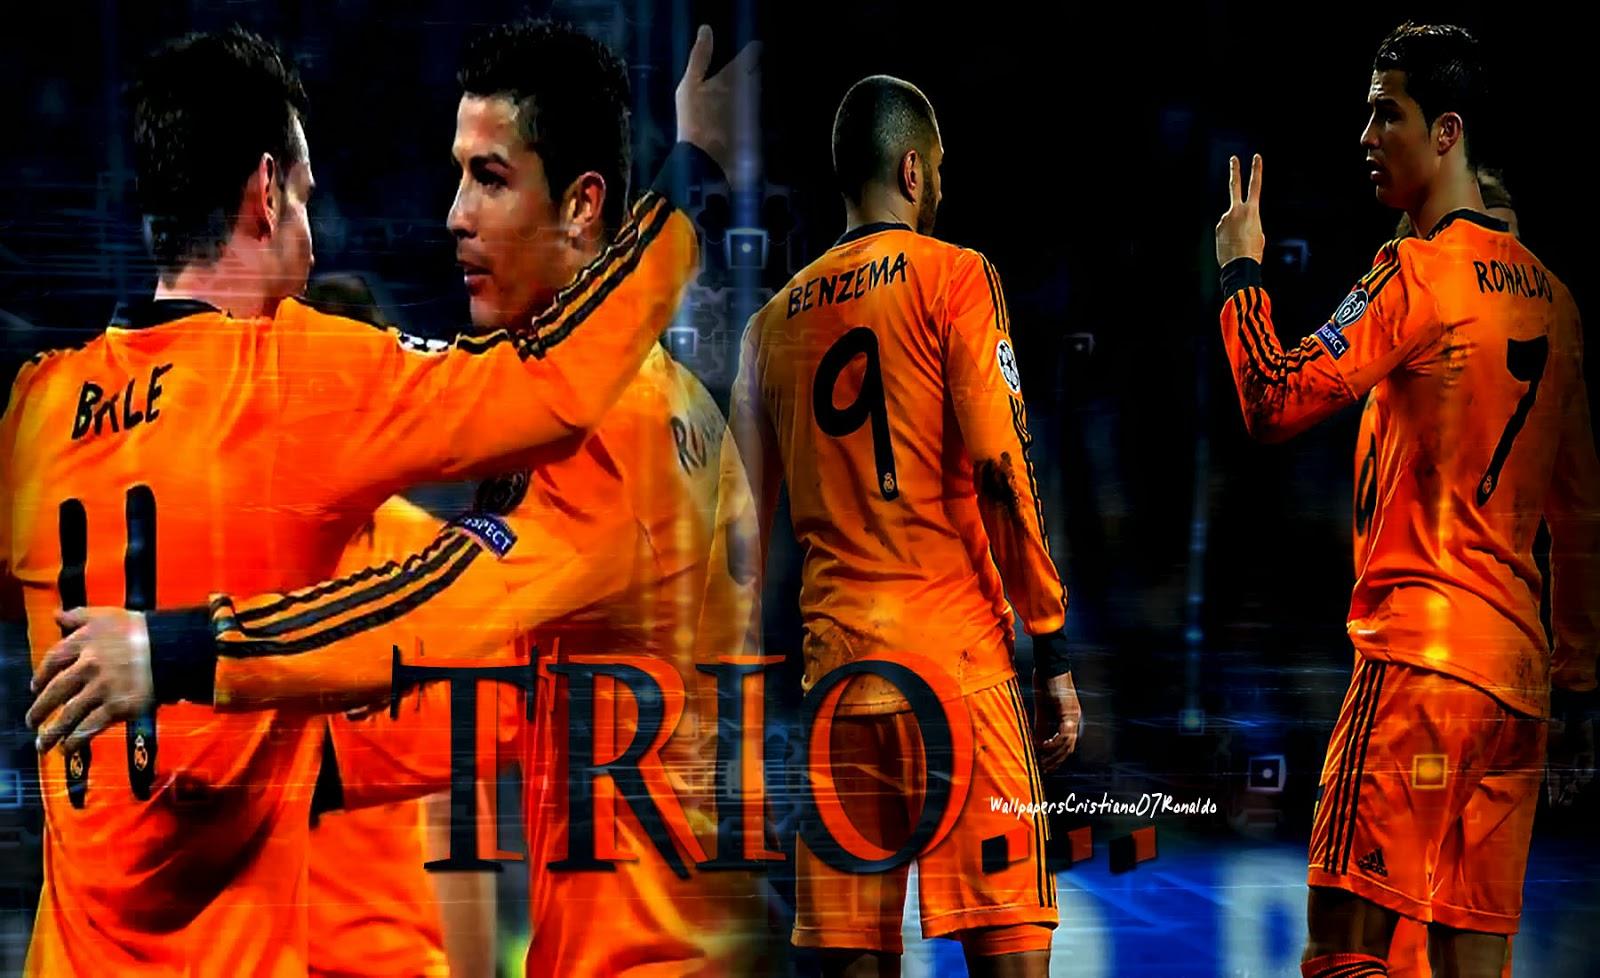 Ronaldo and Bale Wallpaper - WallpaperSafari